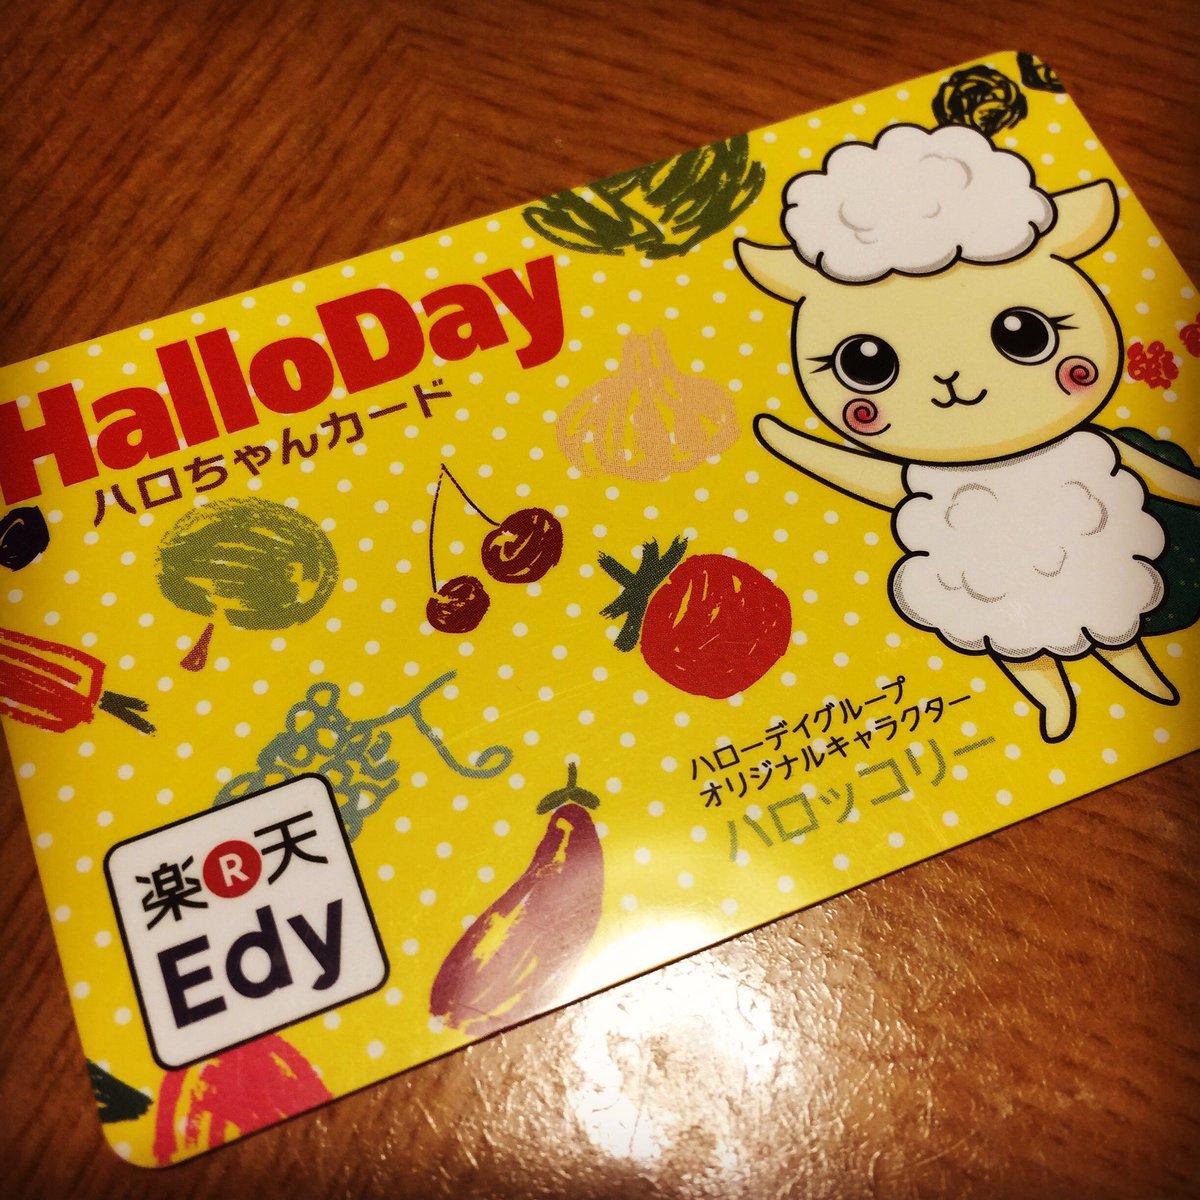 ハロ ちゃん カード